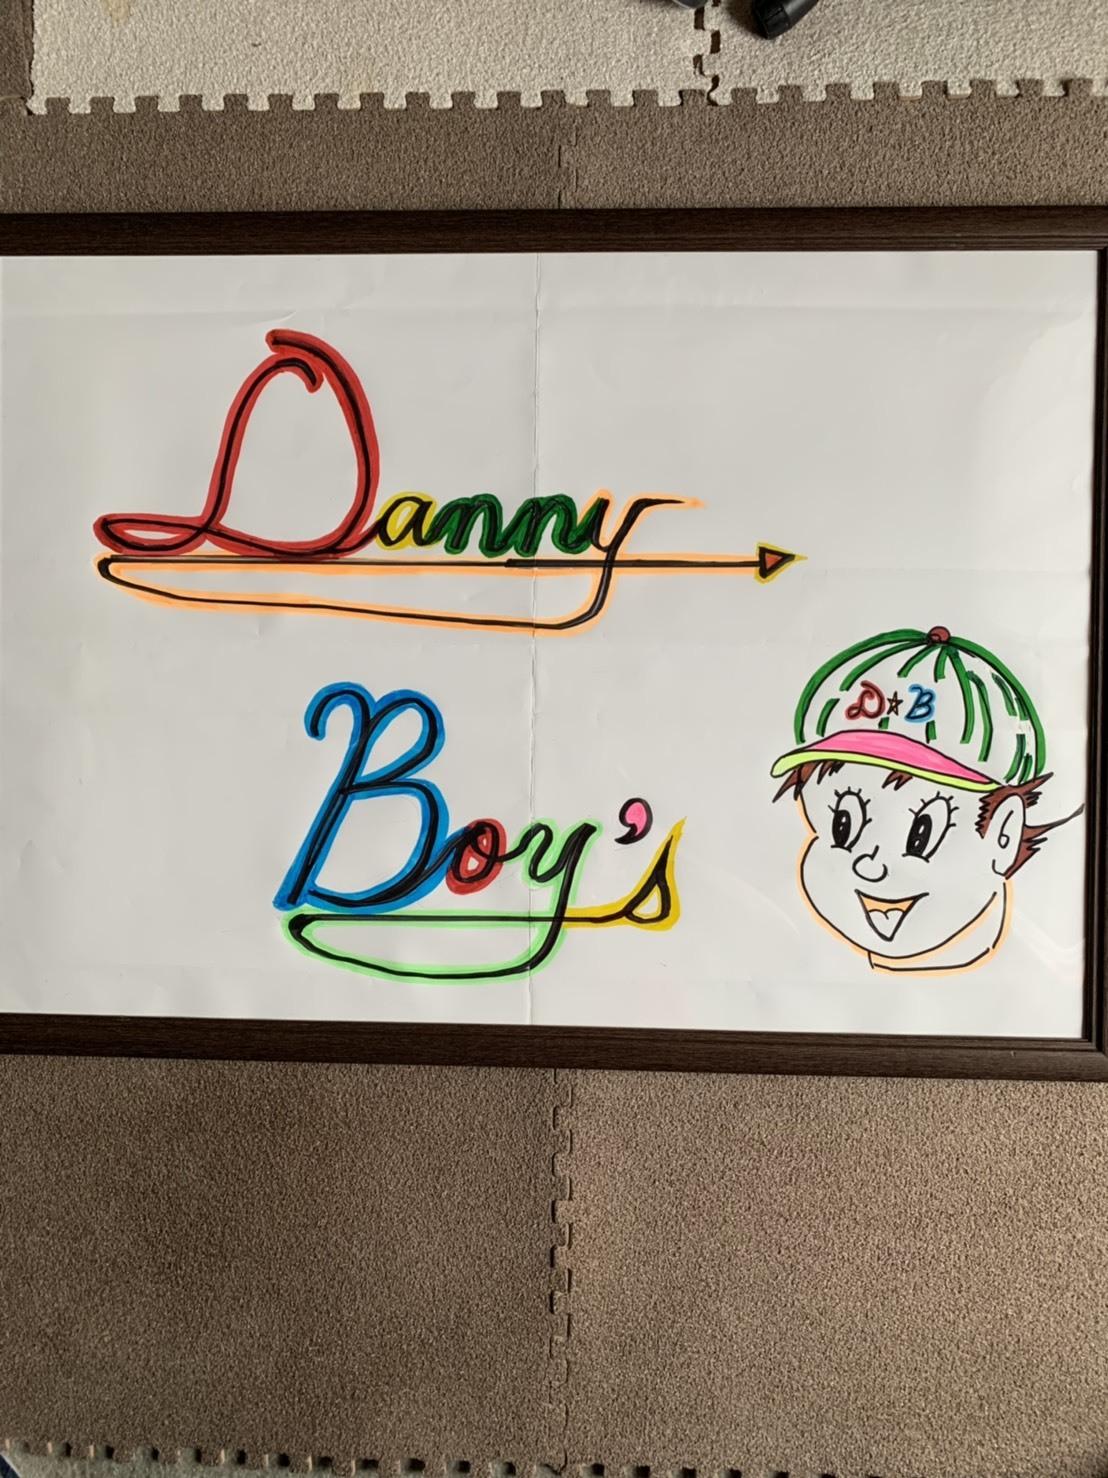 ダニーボーイズのロゴが出来ました🎵😄_e0119092_15333253.jpg